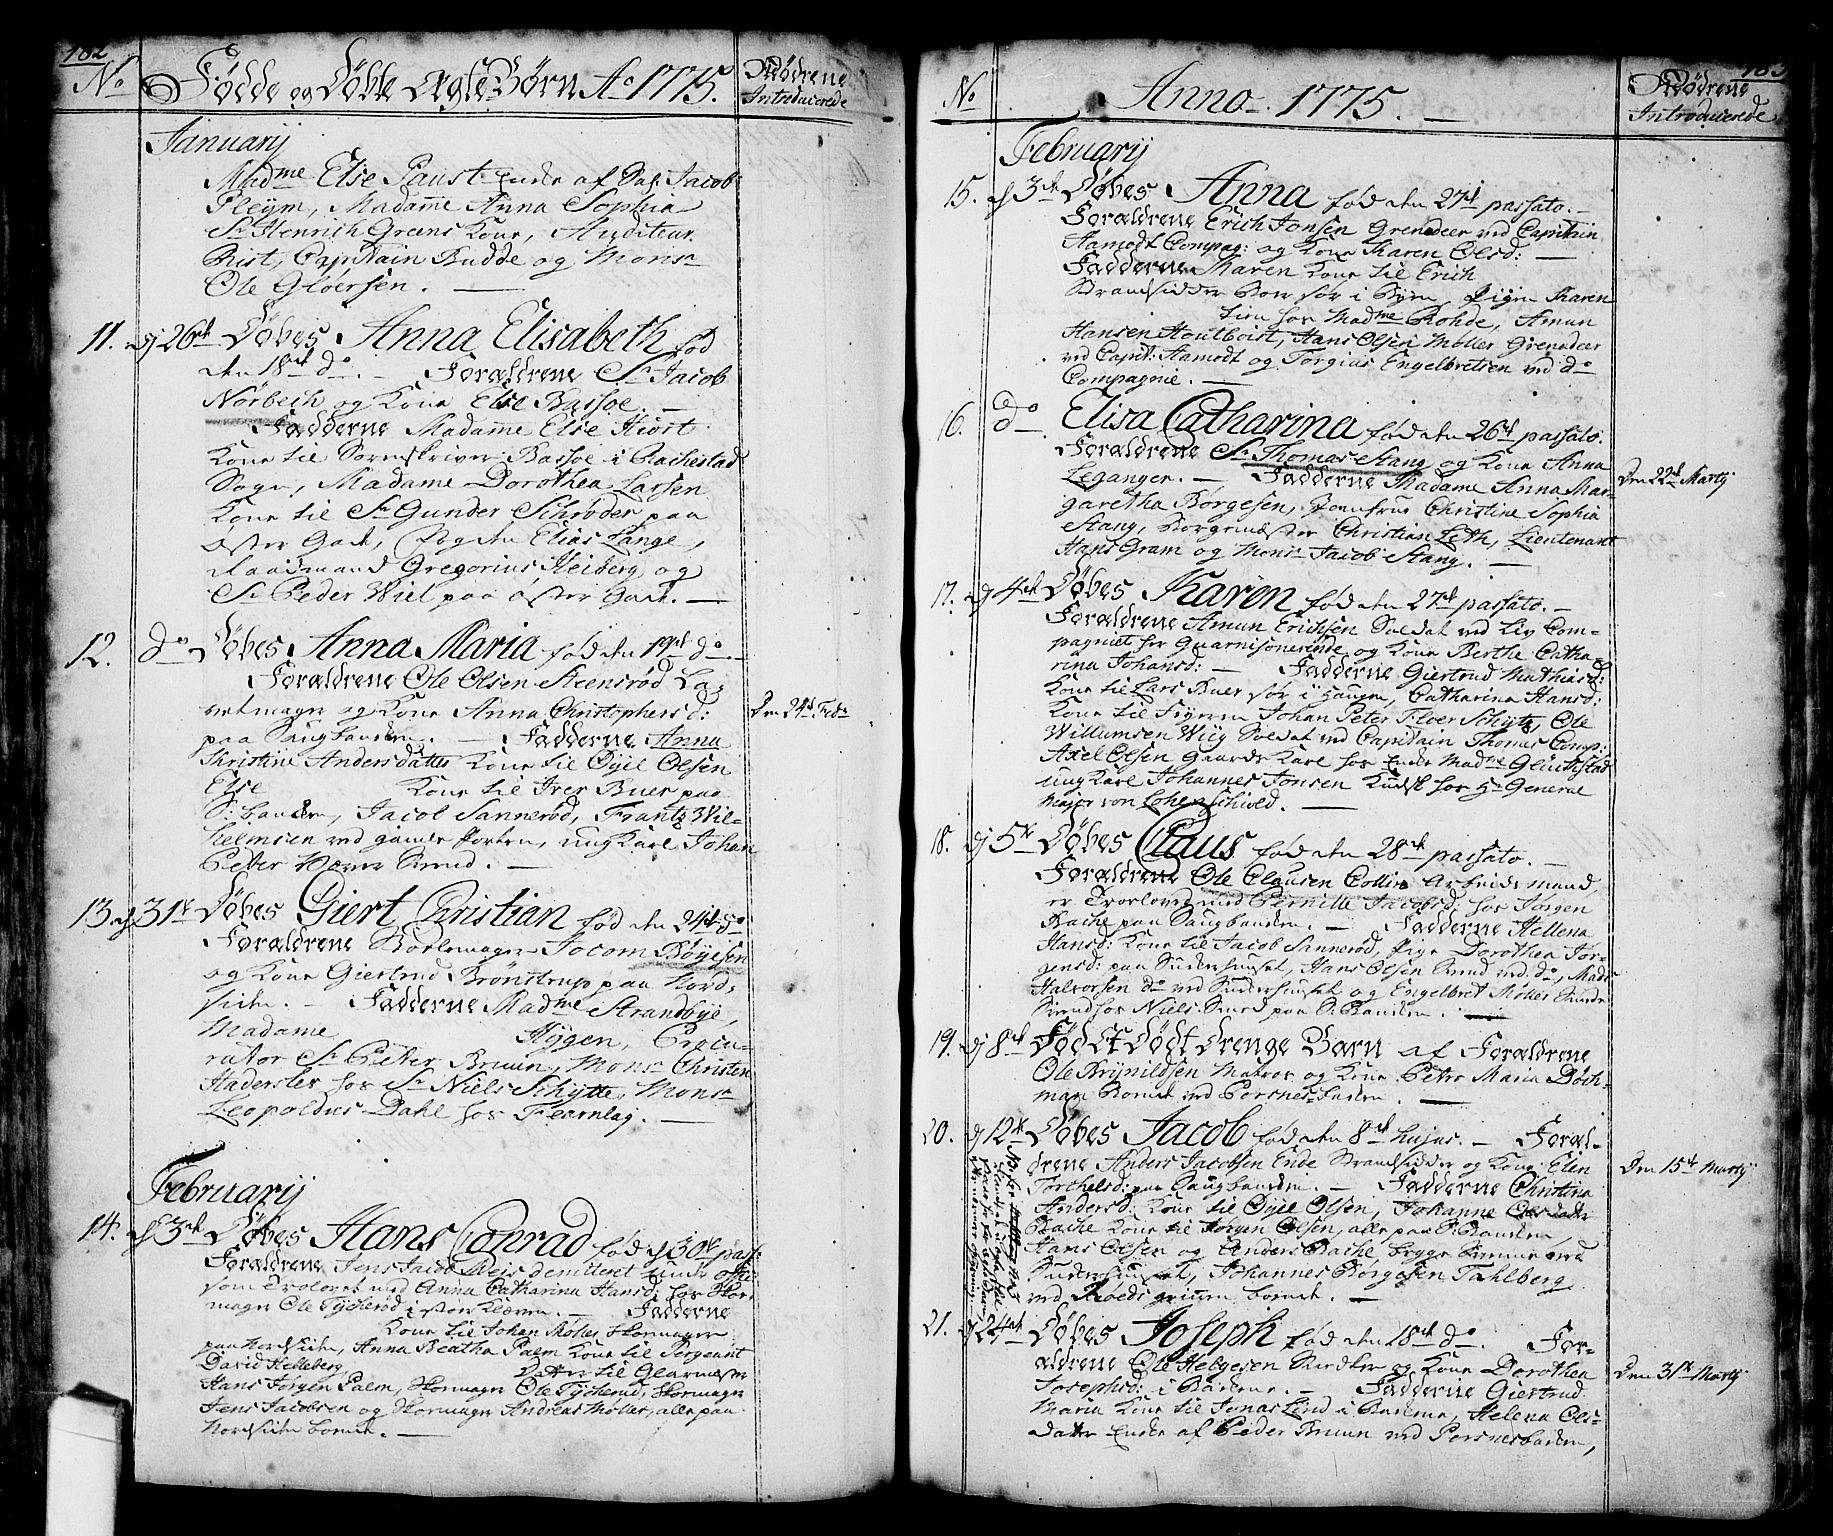 SAO, Halden prestekontor Kirkebøker, F/Fa/L0001: Ministerialbok nr. I 1, 1758-1791, s. 182-183